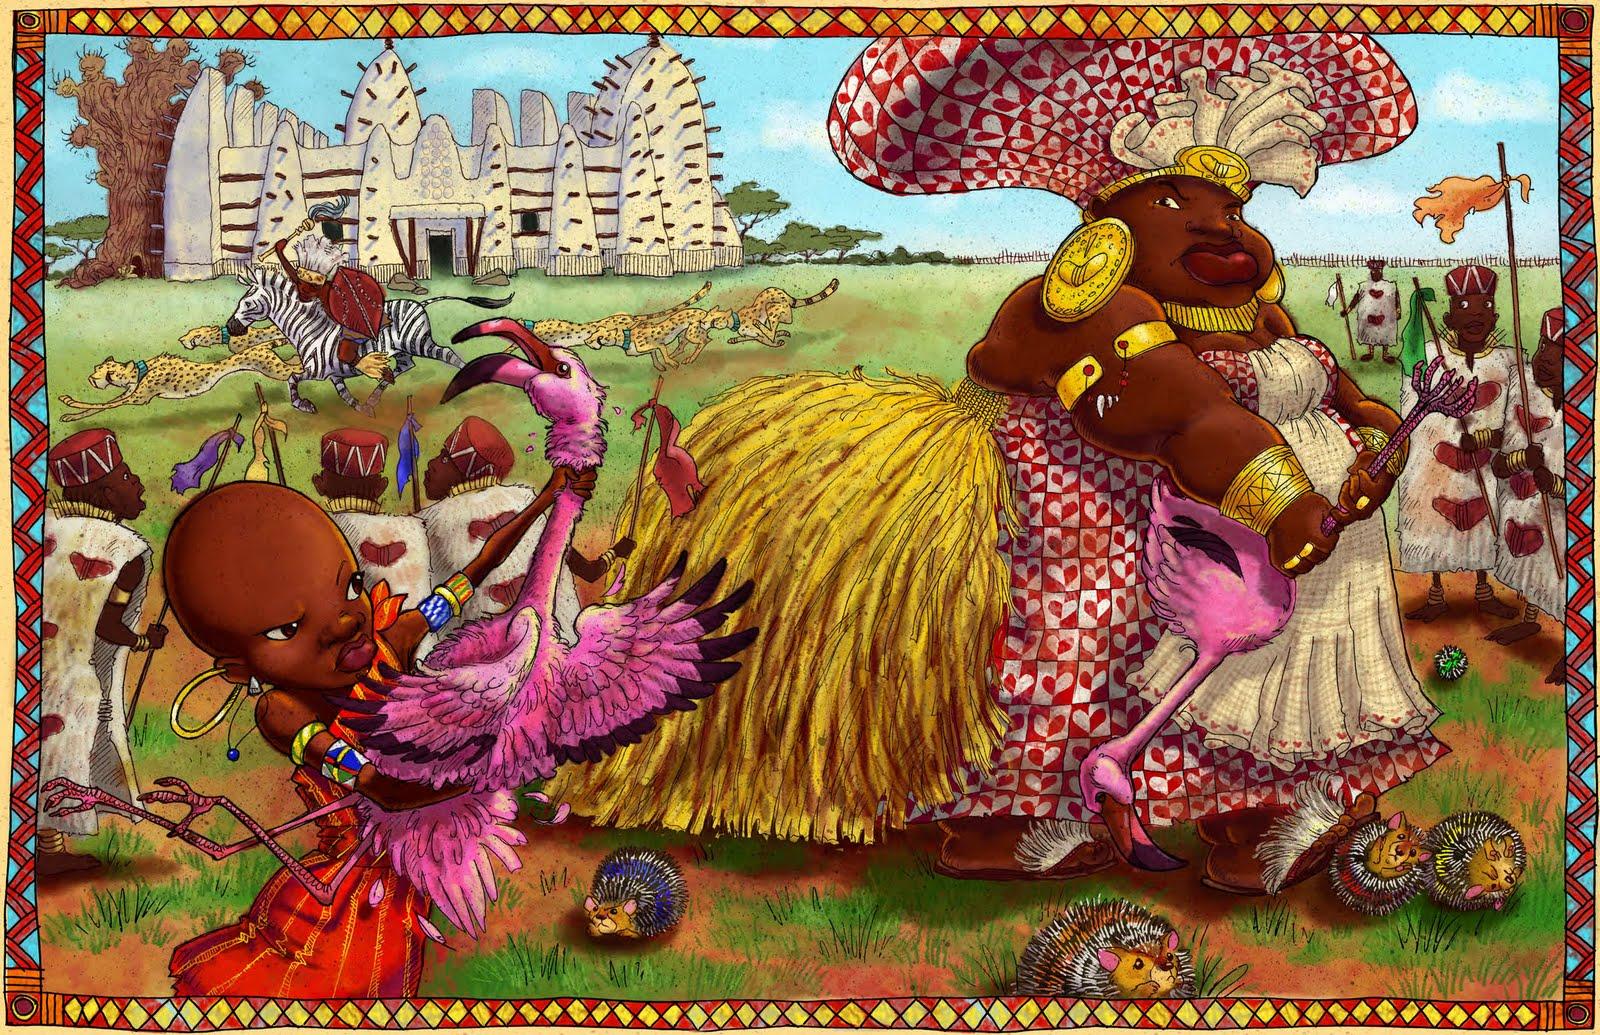 Африканская сказка в картинках